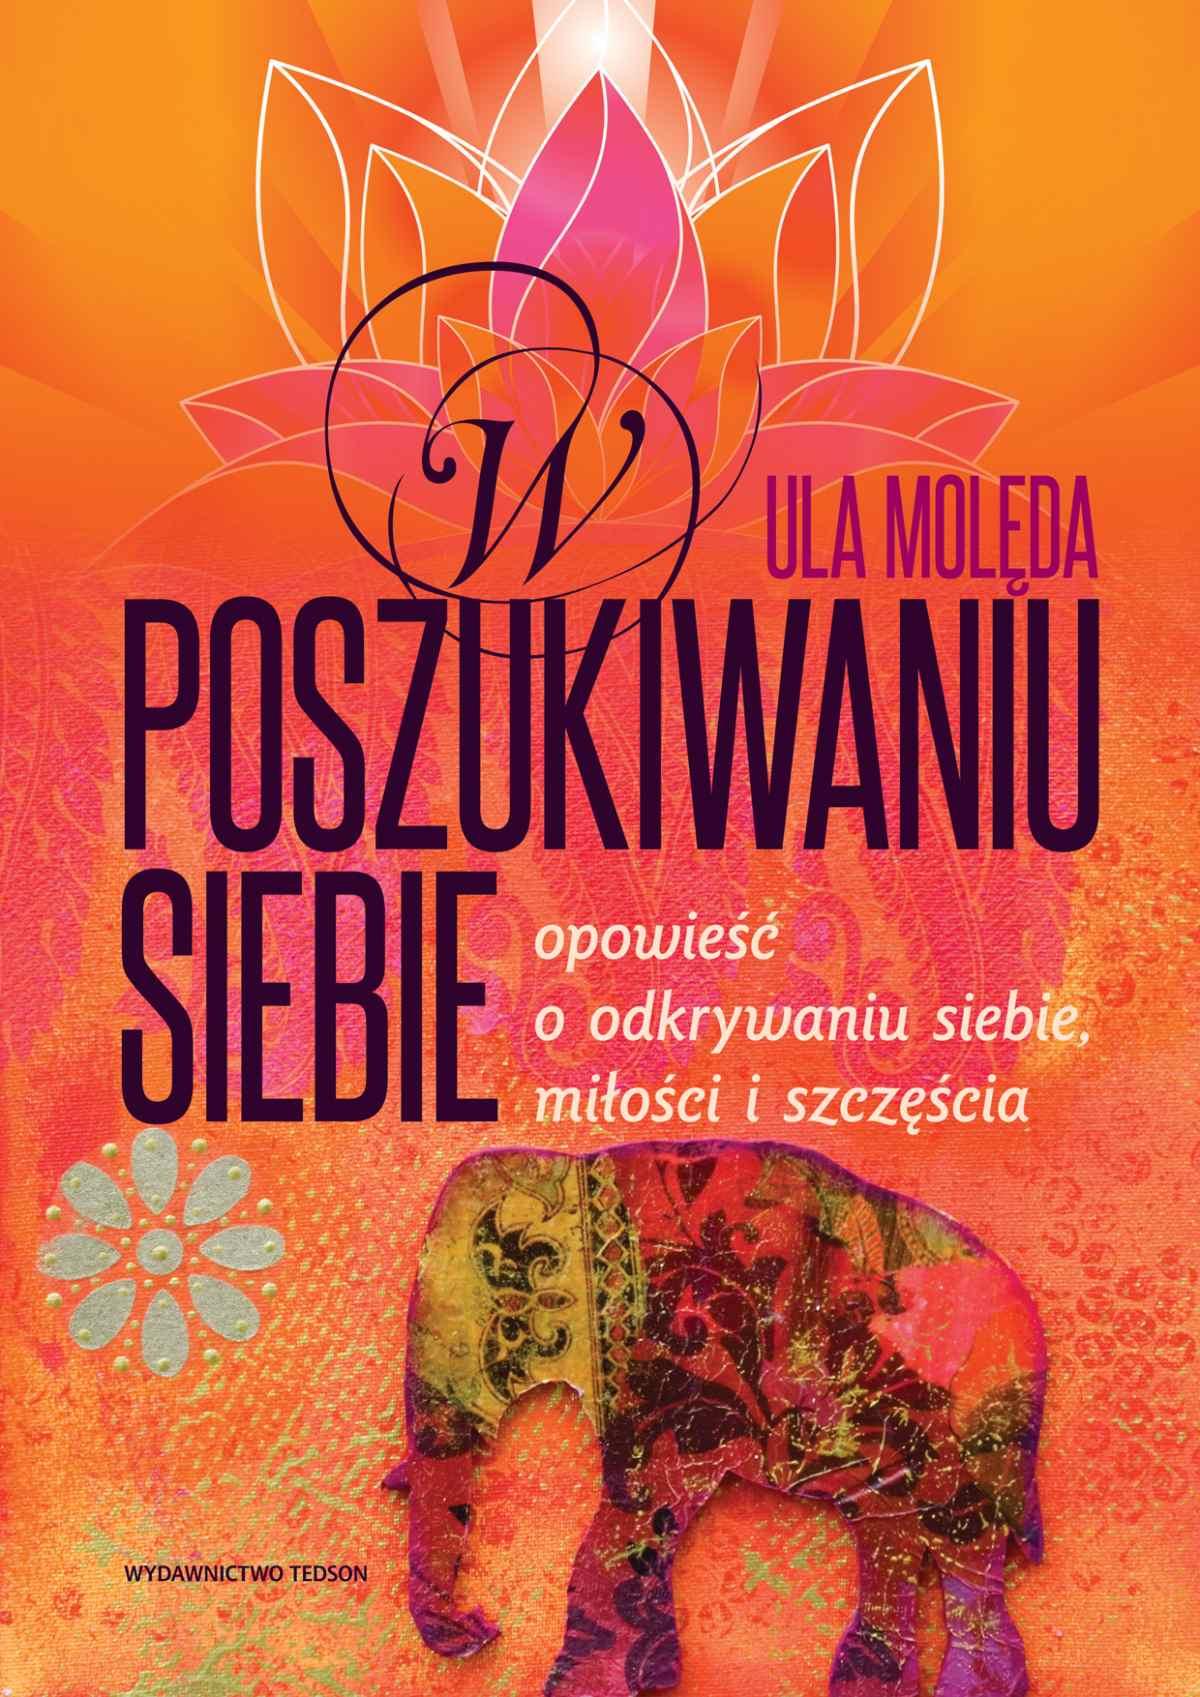 W poszukiwaniu Siebie - Opowieść o odkrywaniu siebie, miłości i szczęścia - Ebook (Książka na Kindle) do pobrania w formacie MOBI